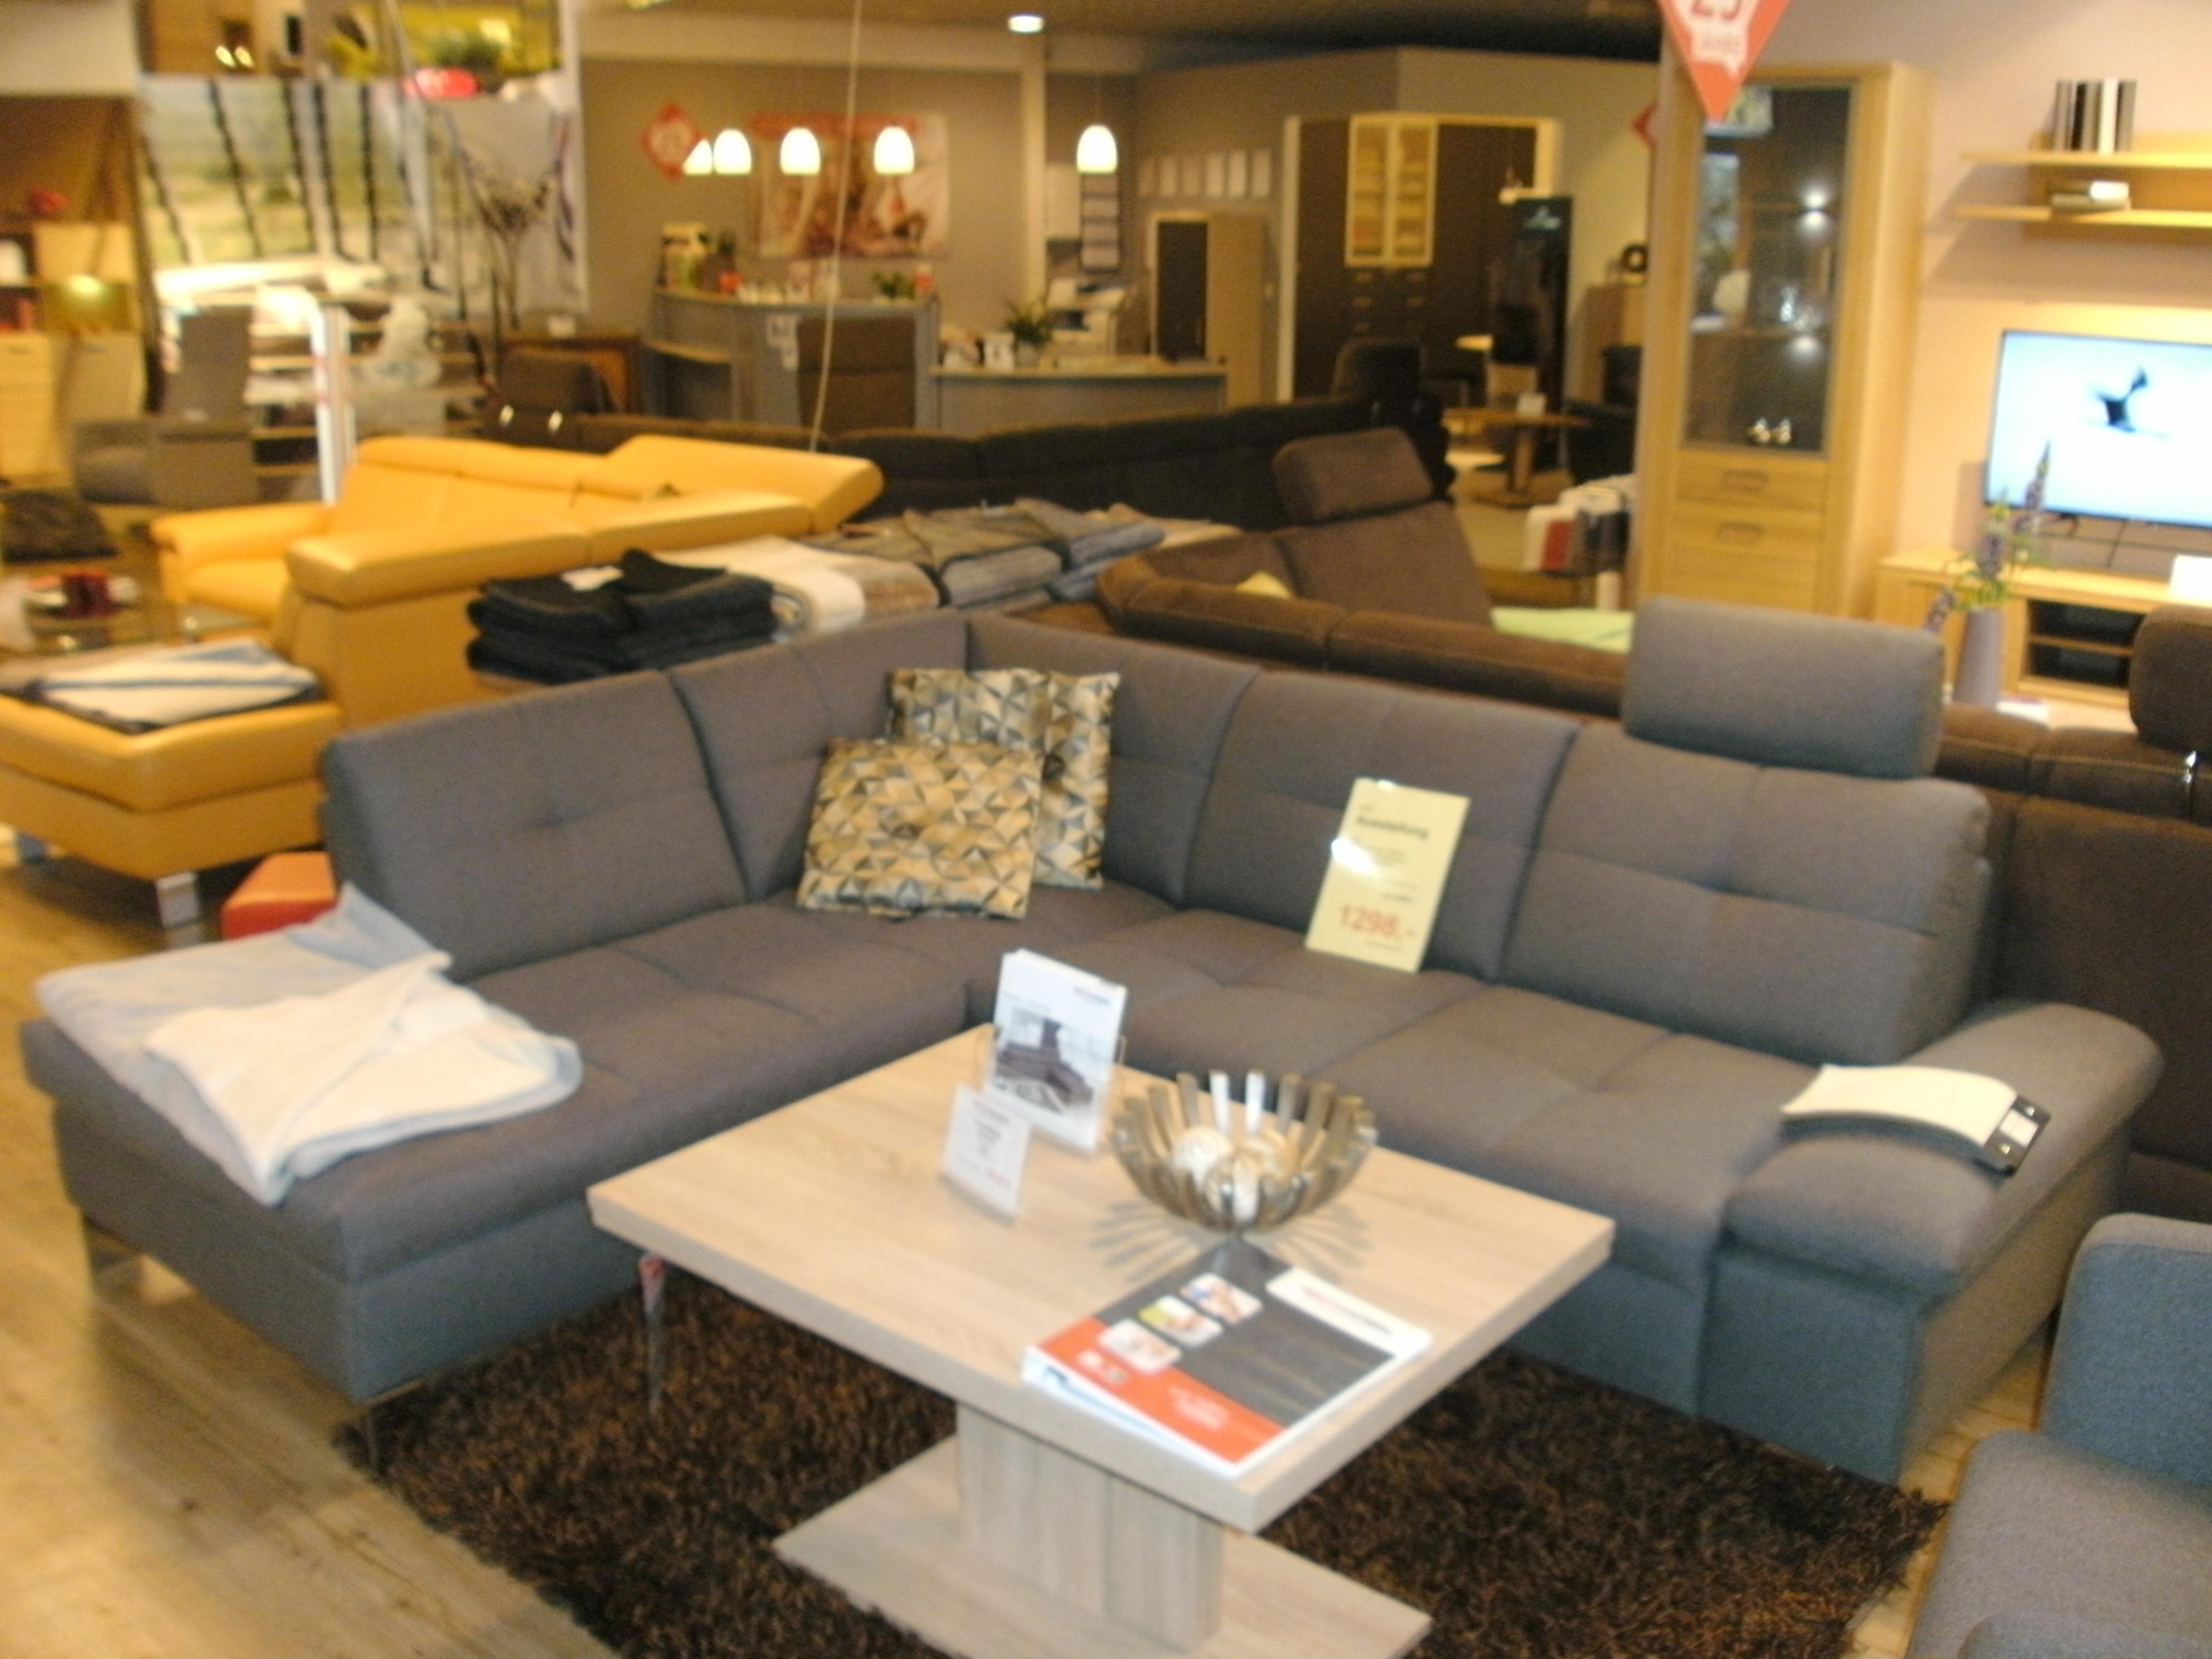 mein ausstellungsst ck garnitur diletta. Black Bedroom Furniture Sets. Home Design Ideas